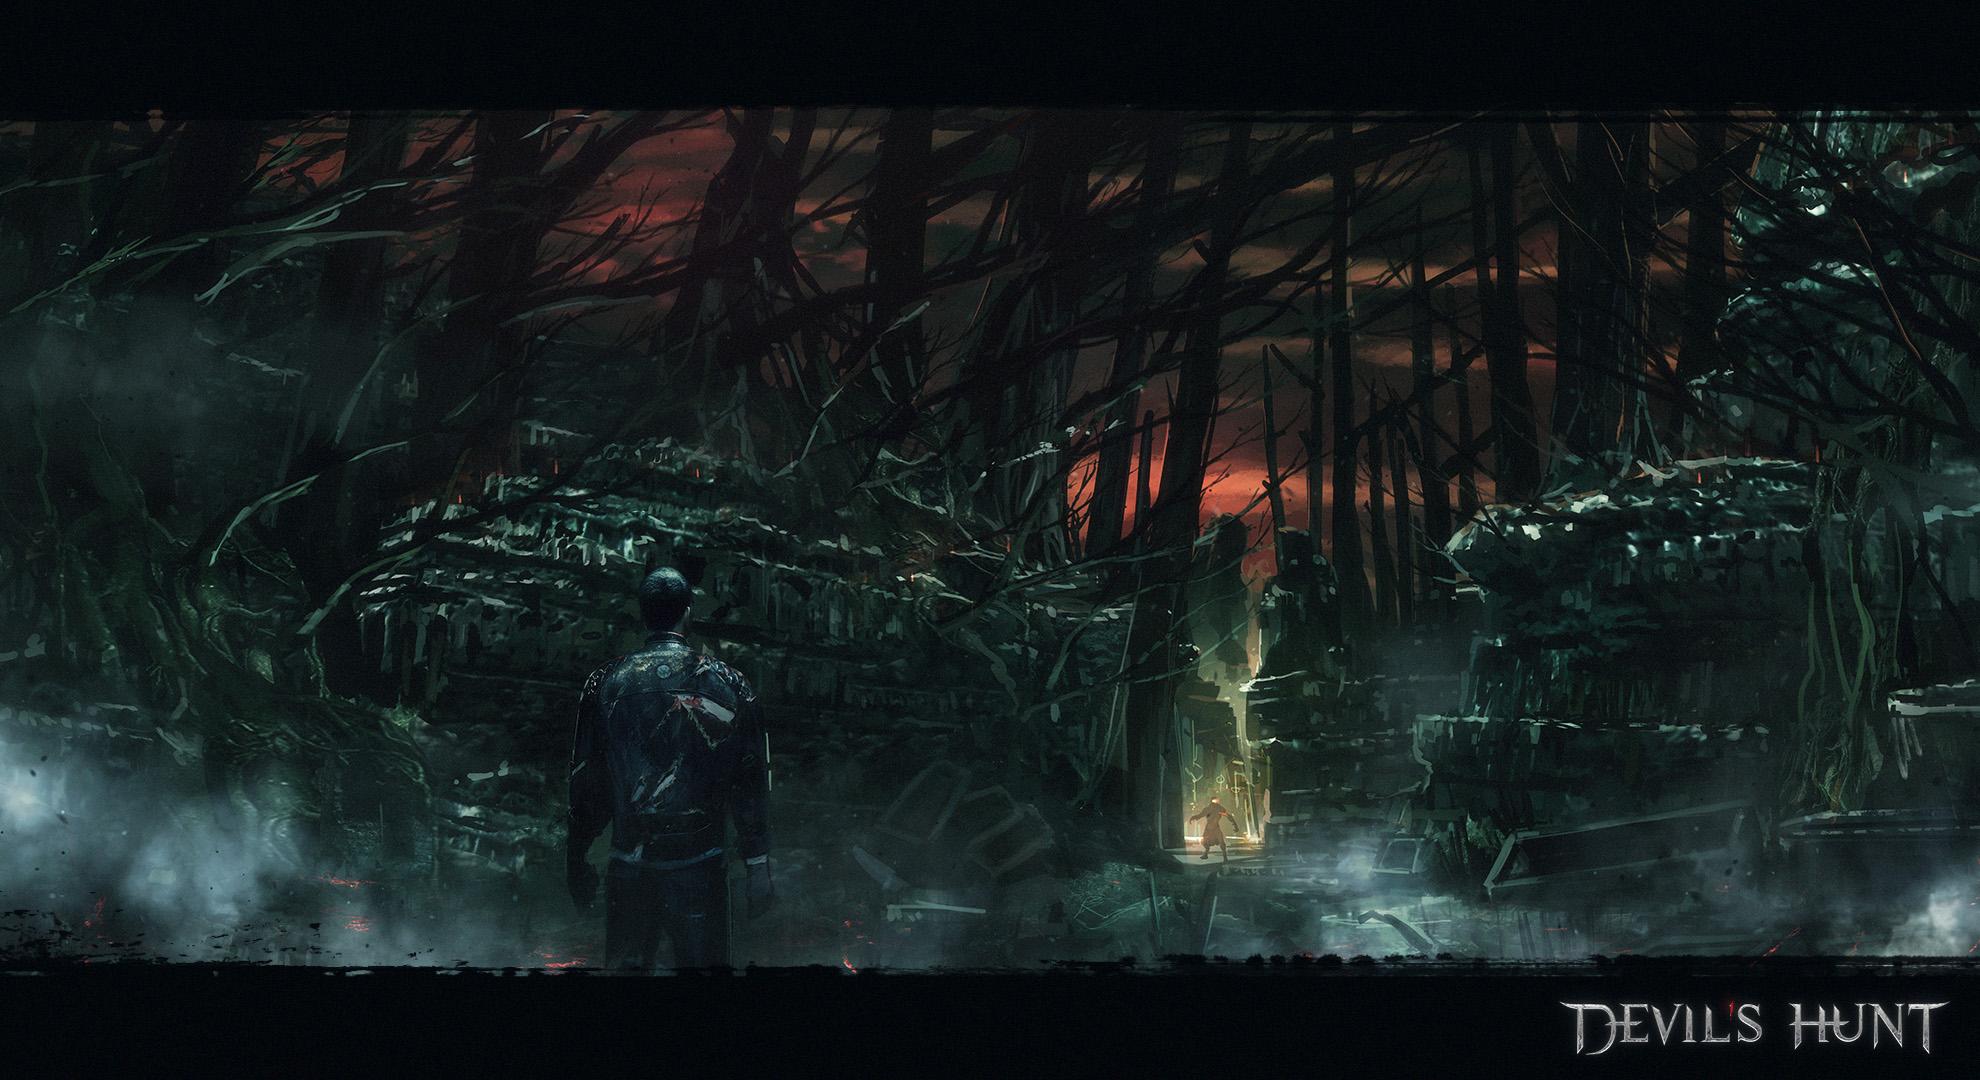 Devils Hunt Artwork 2